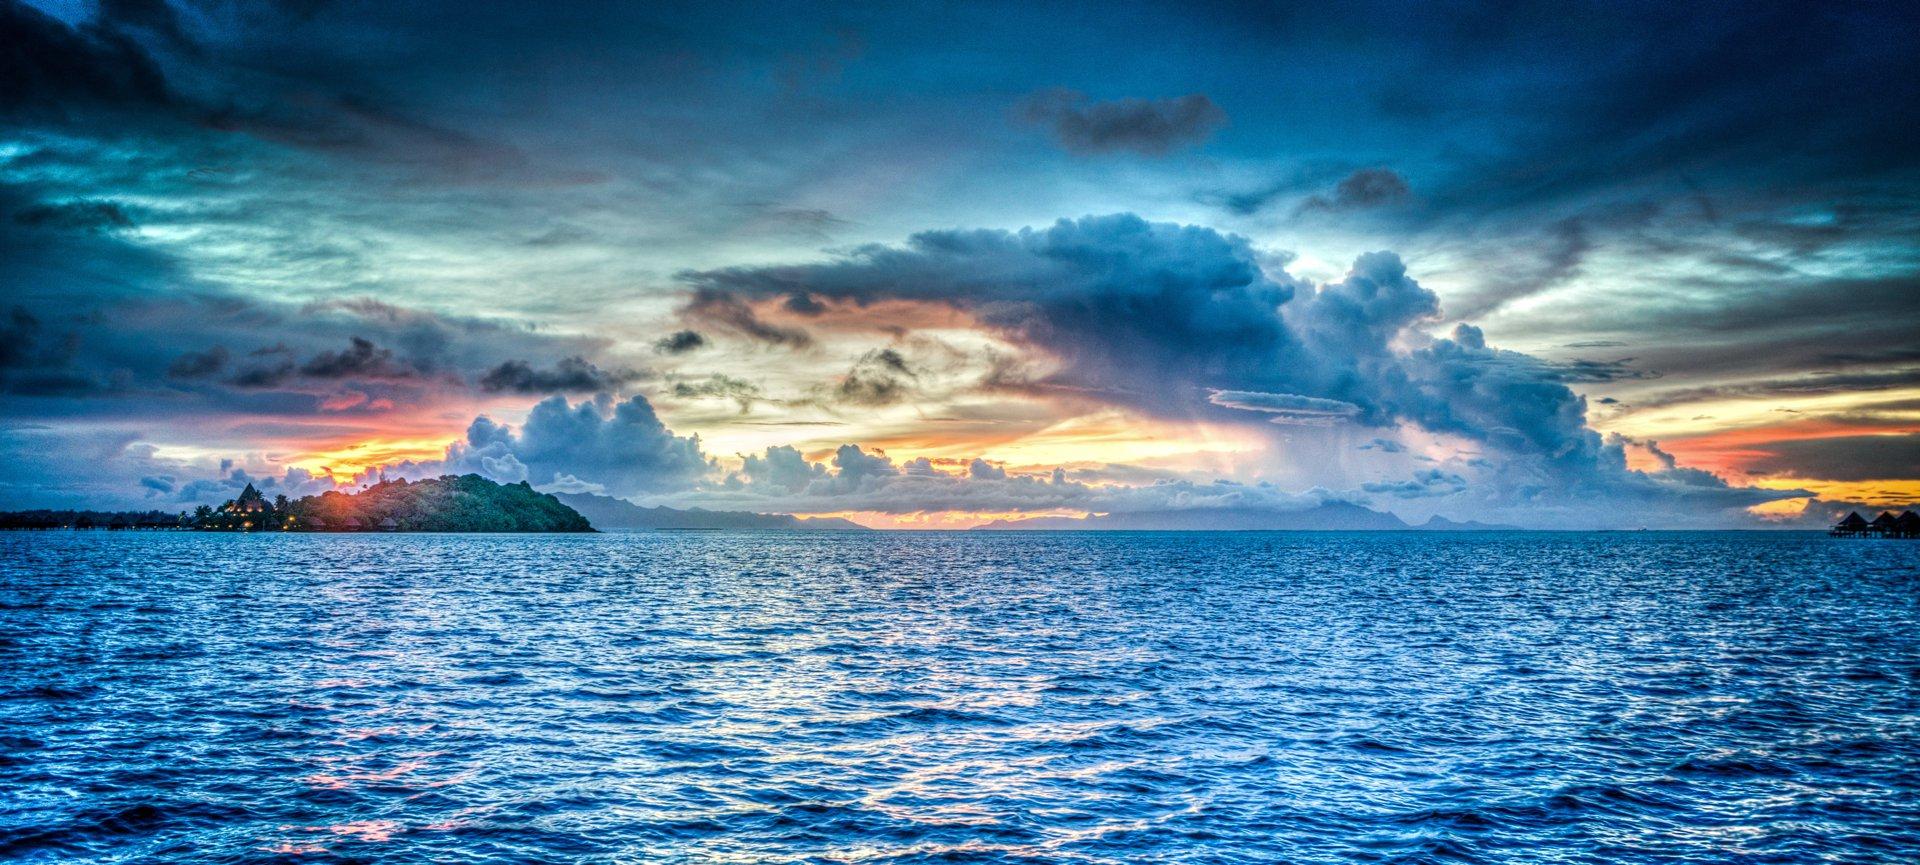 Ocean of wonders